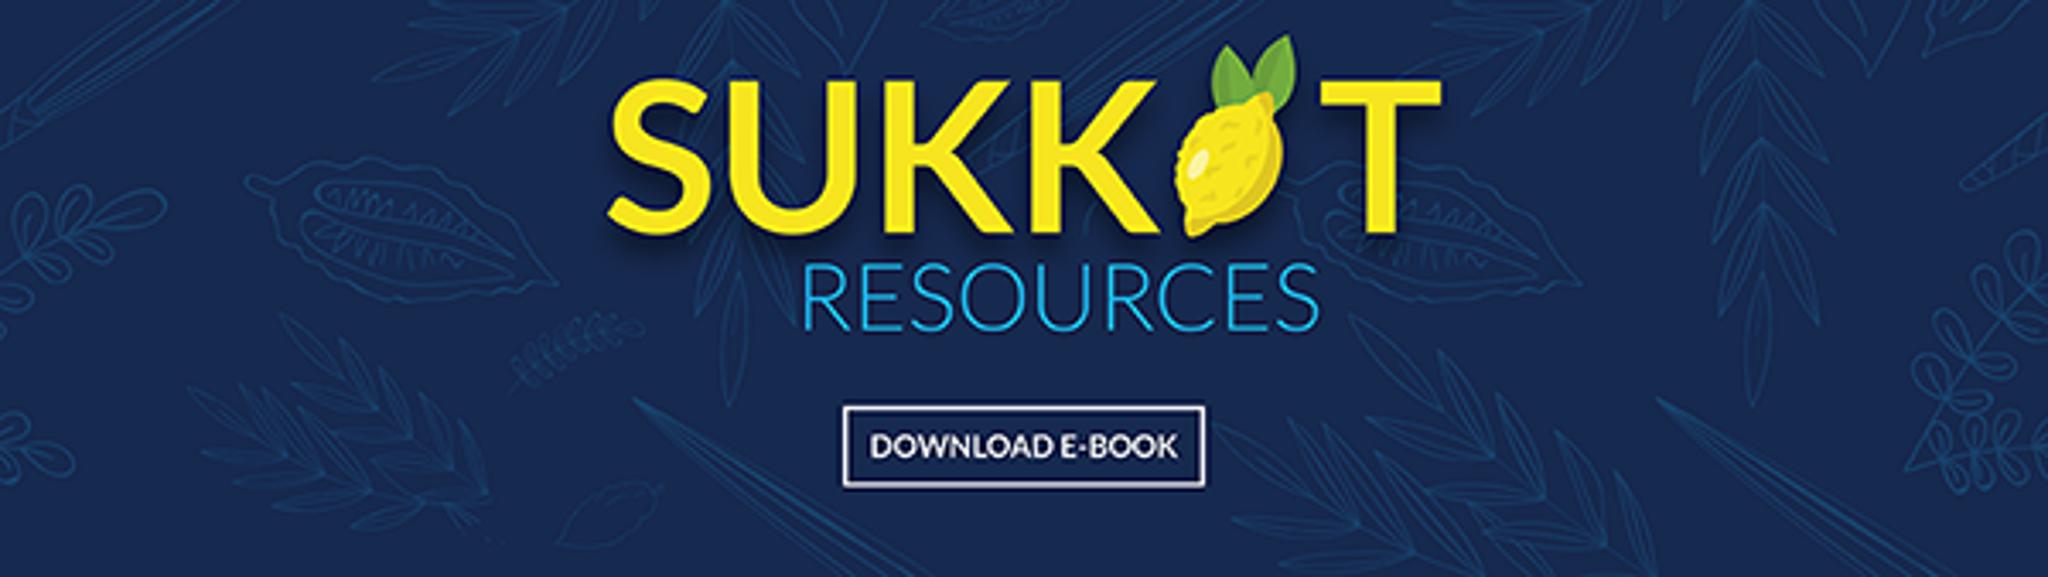 Sukkot Resources